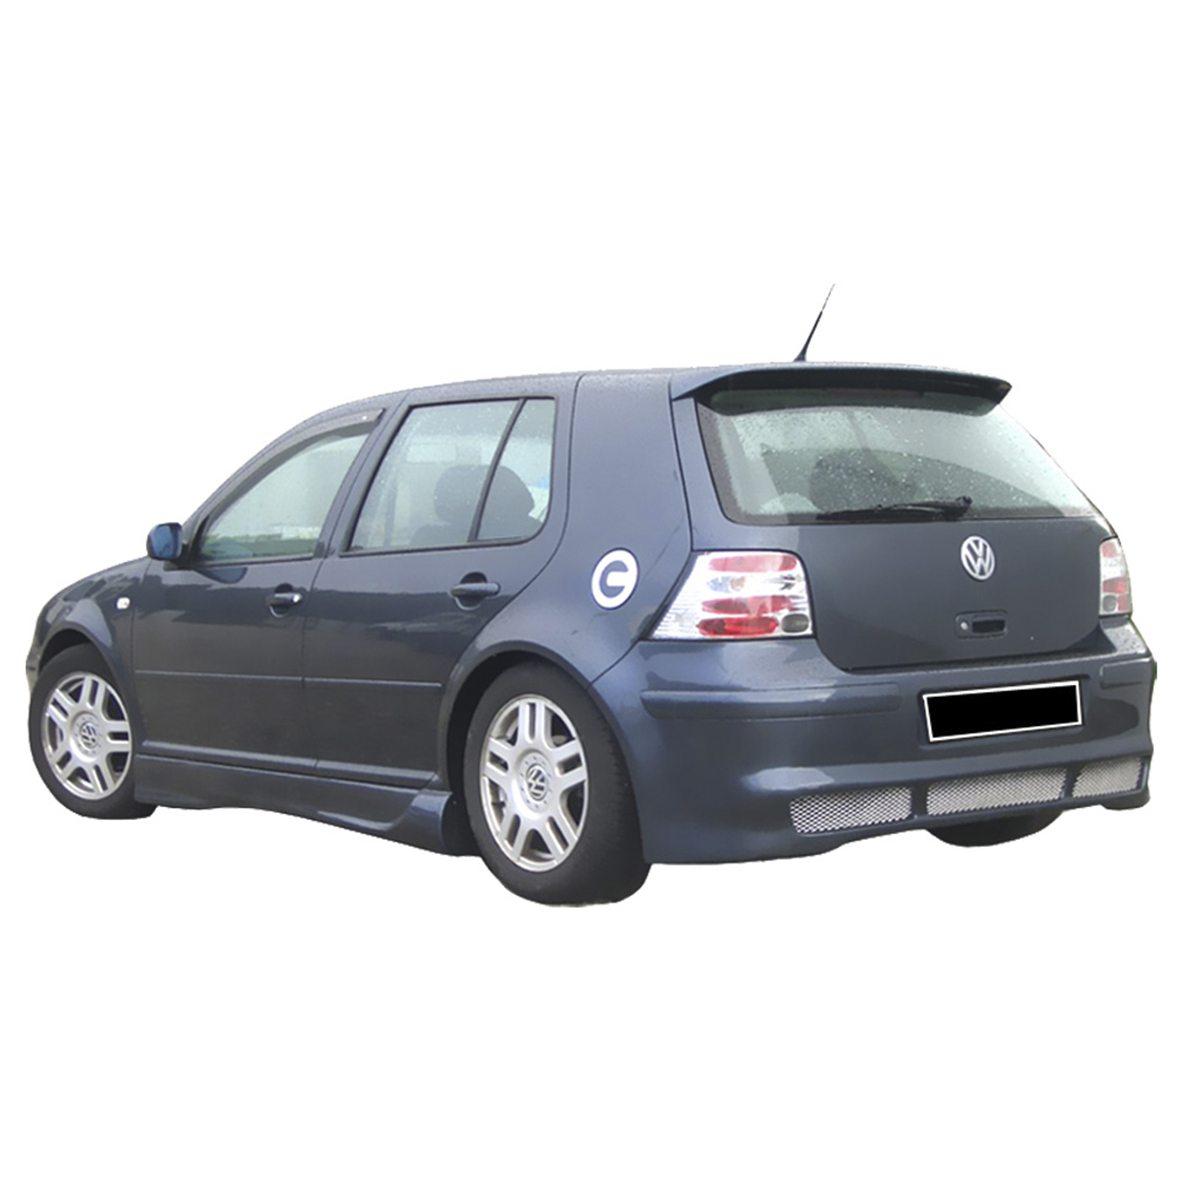 VW-Golf-IV-Earth-Tras-PCU1142